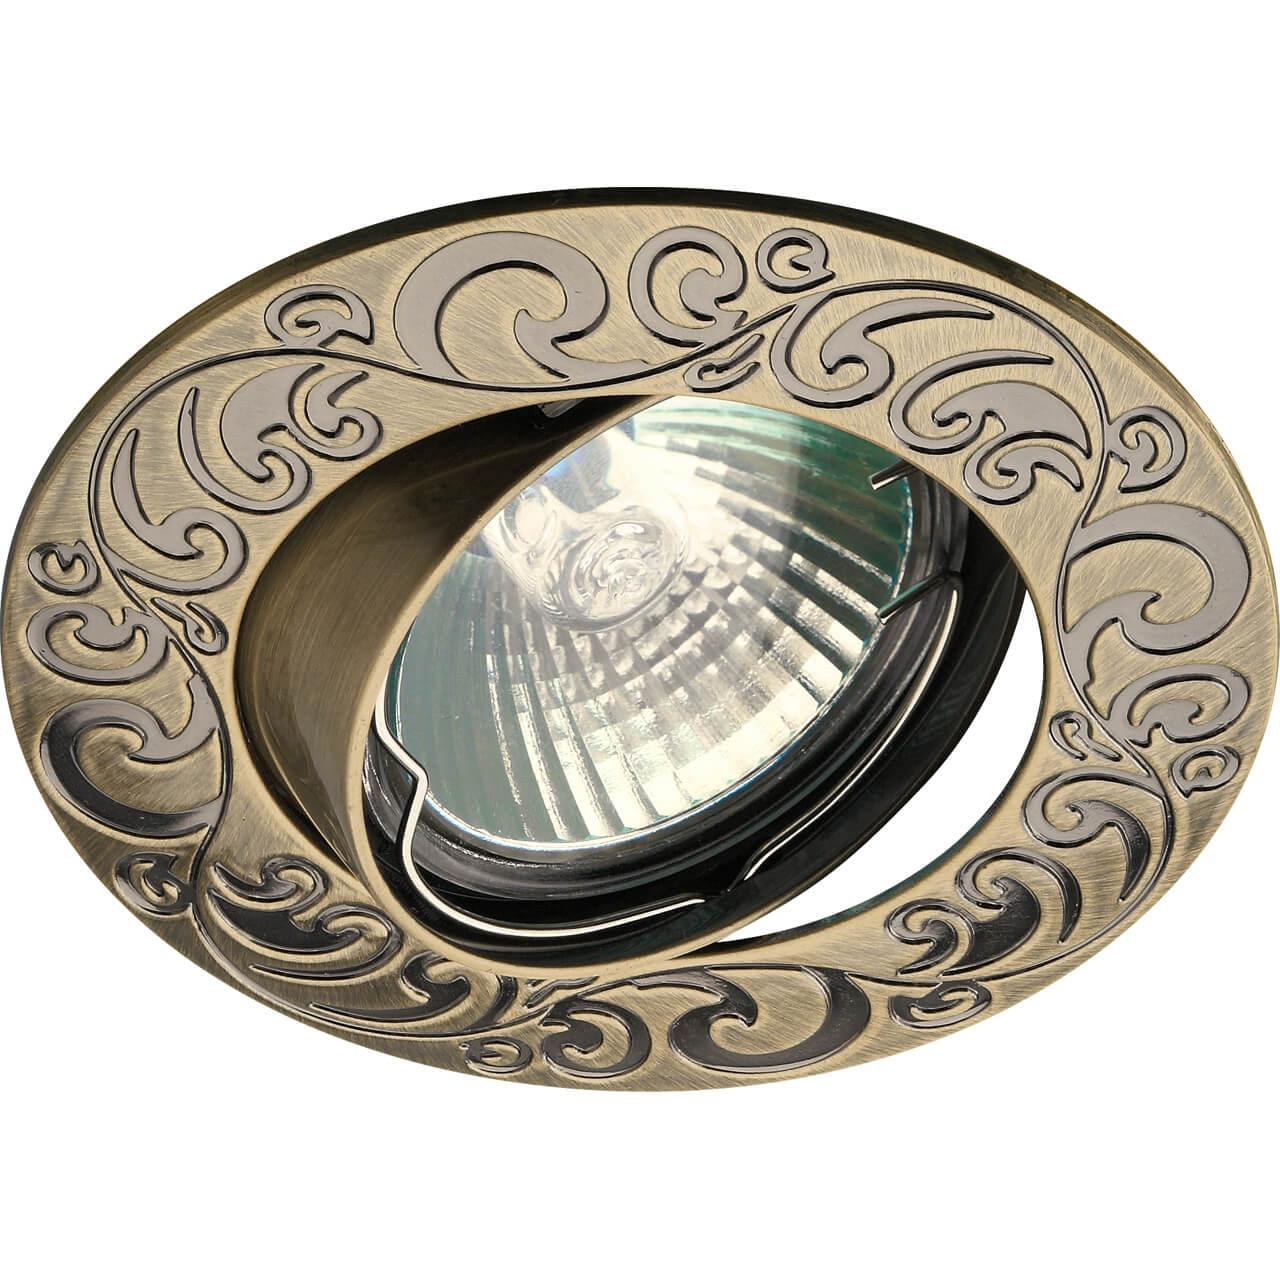 Встраиваемый светильник ЭРА Литой KL26 А SB цена